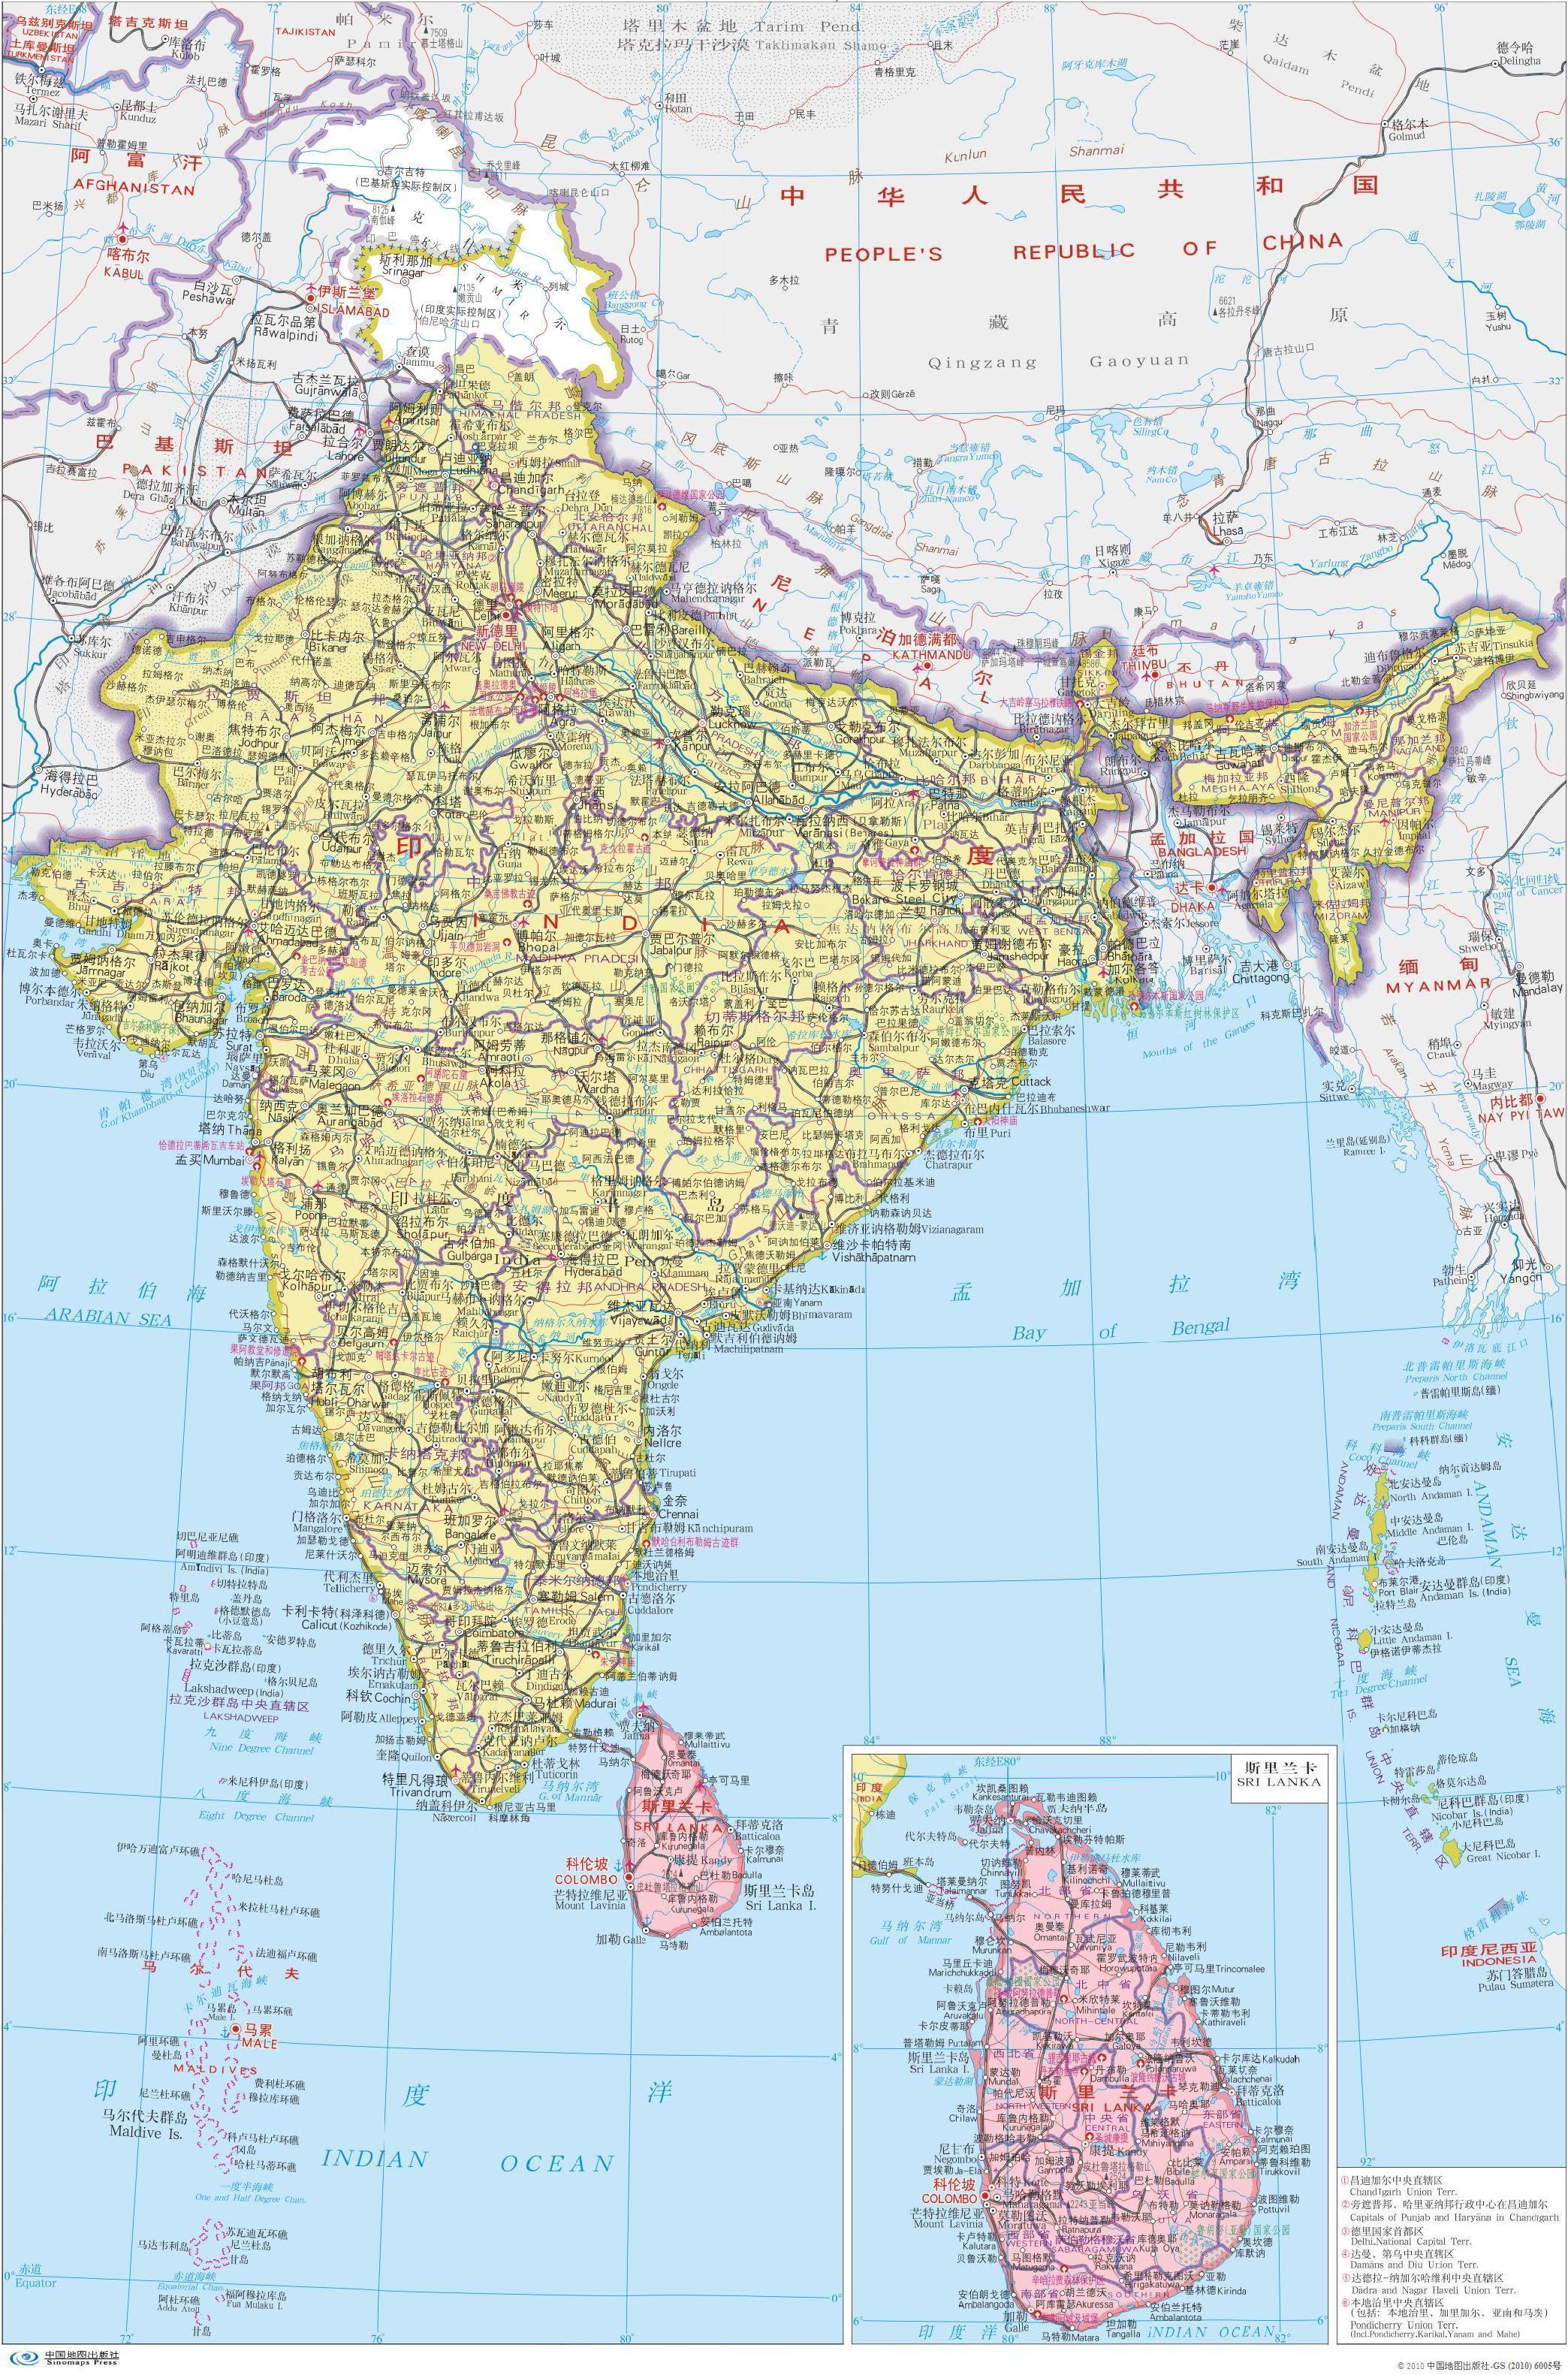 印度行政示意图_国家示意图地图库_地图窝